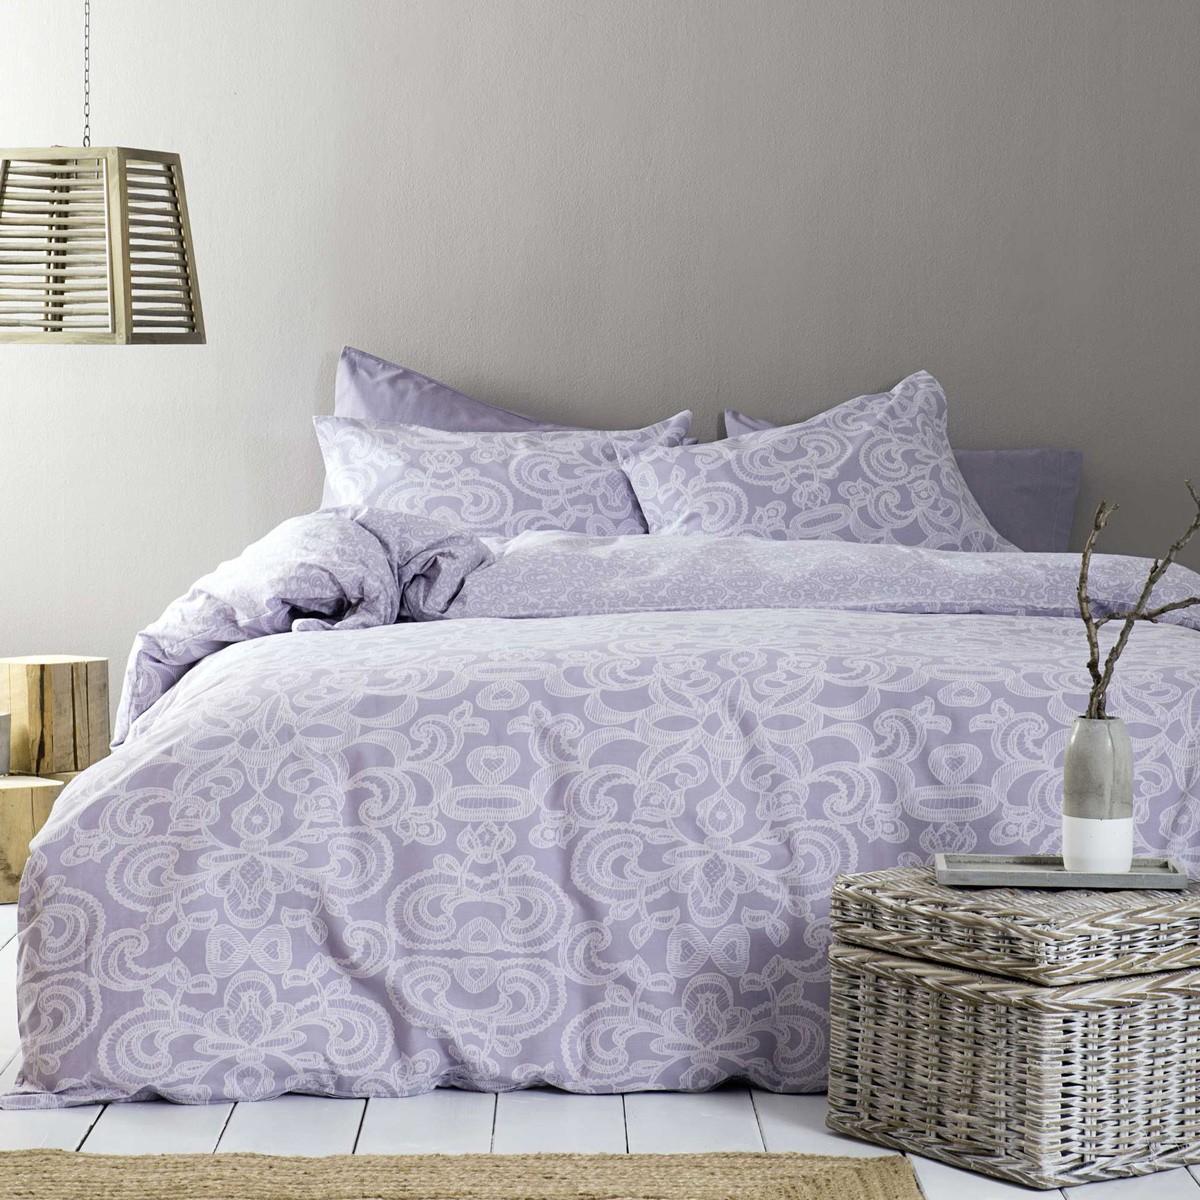 Παπλωματοθήκη Μονή (Σετ) Nima Bed Linen Edita Purple